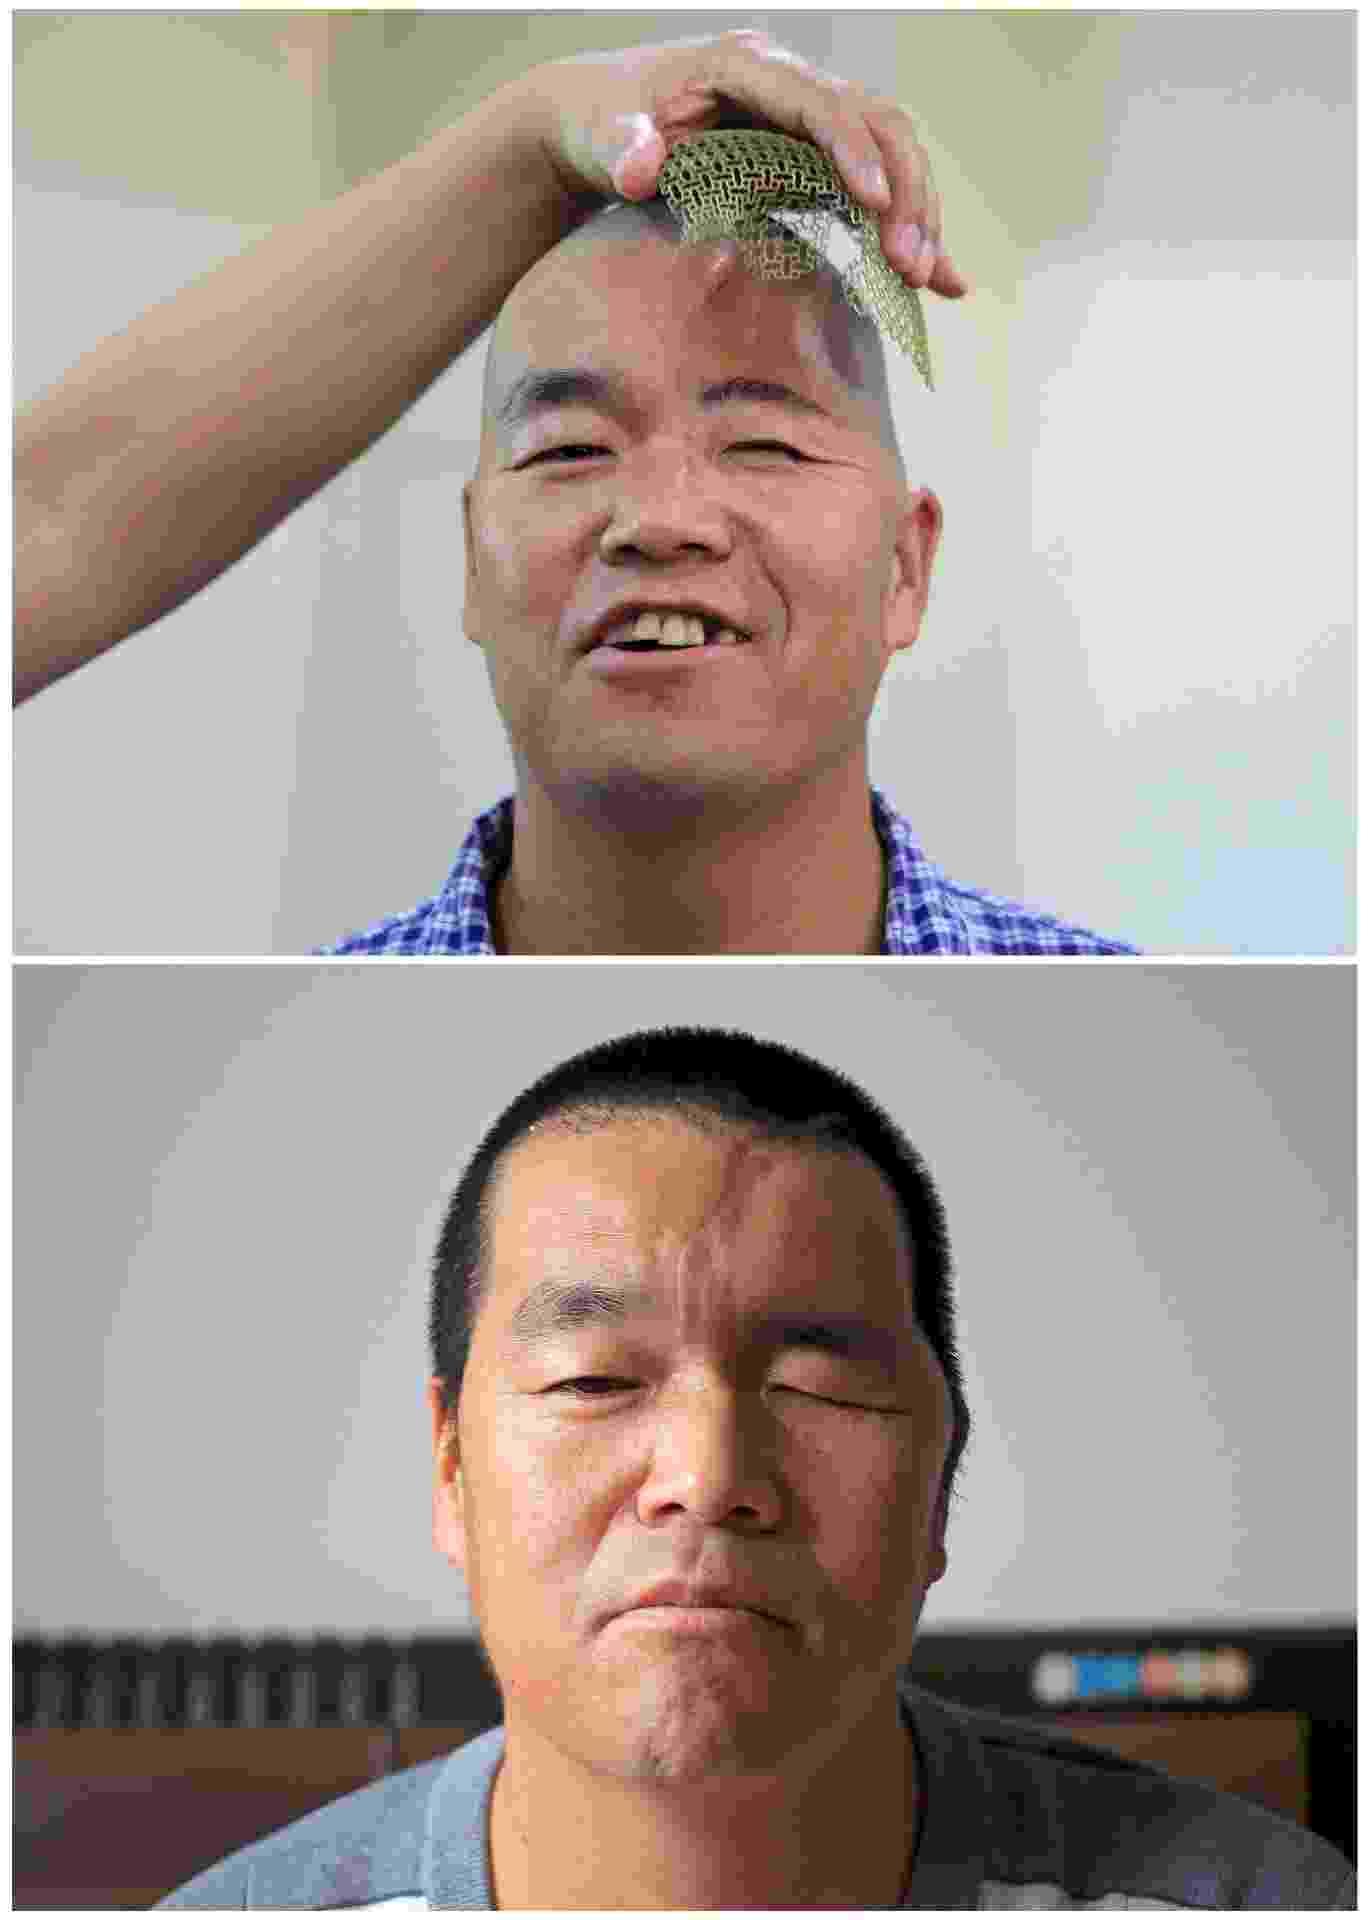 24.set.2014 - O fazendeiro chinês de 46 anos, conhecido apenas como Hu, recebeu uma prótese de titânio na cabeça durante operação de três horas e meia em um hospital em Xian, na província de Shaanxi, na China.  A operação ocorreu em 28 de agosto e nesta quarta-feira (24) foi mostrado em fotos os resultados da cirurgia - China Daily/Reuters